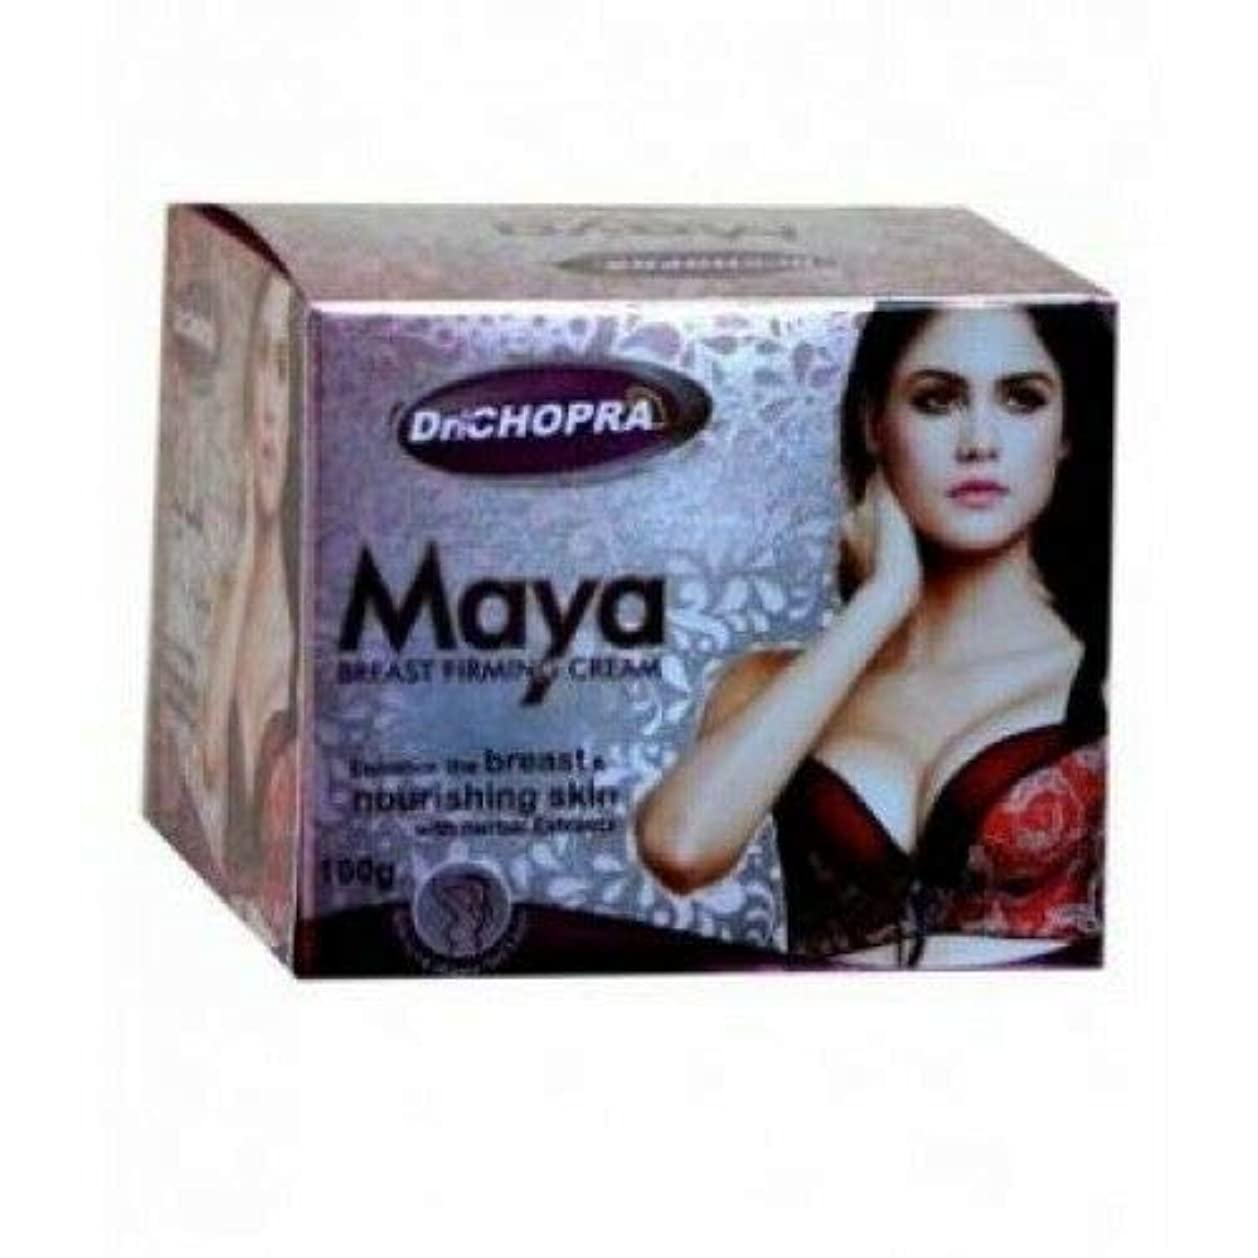 原始的な悪意のある味Breast Firming Cream 100g Enhance Breast & Nourishing Skin Herbal Extracts 胸の引き締めクリームは、胸と栄養肌のハーブエキスを強化します。